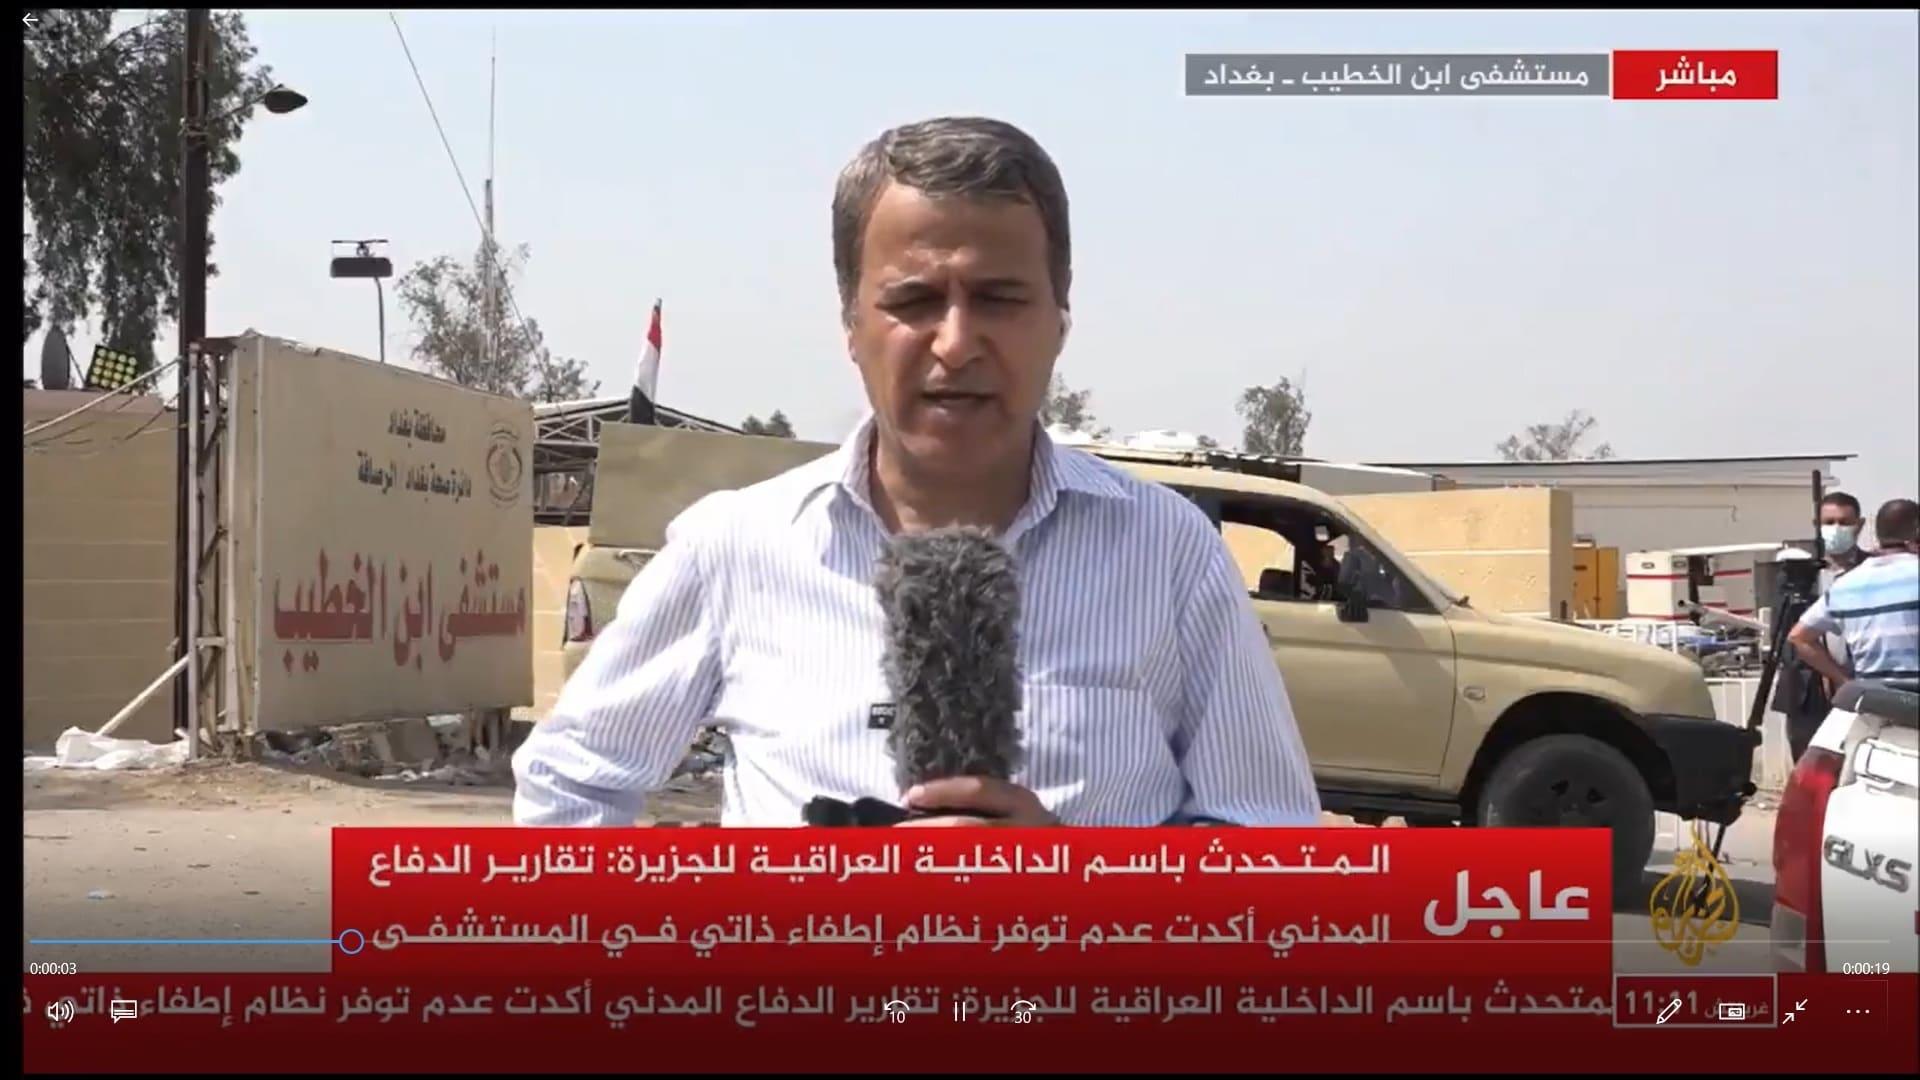 مدير مكتب الجزيرة في العراق ينهار على الهواء ويسقط مغشياً عليه!